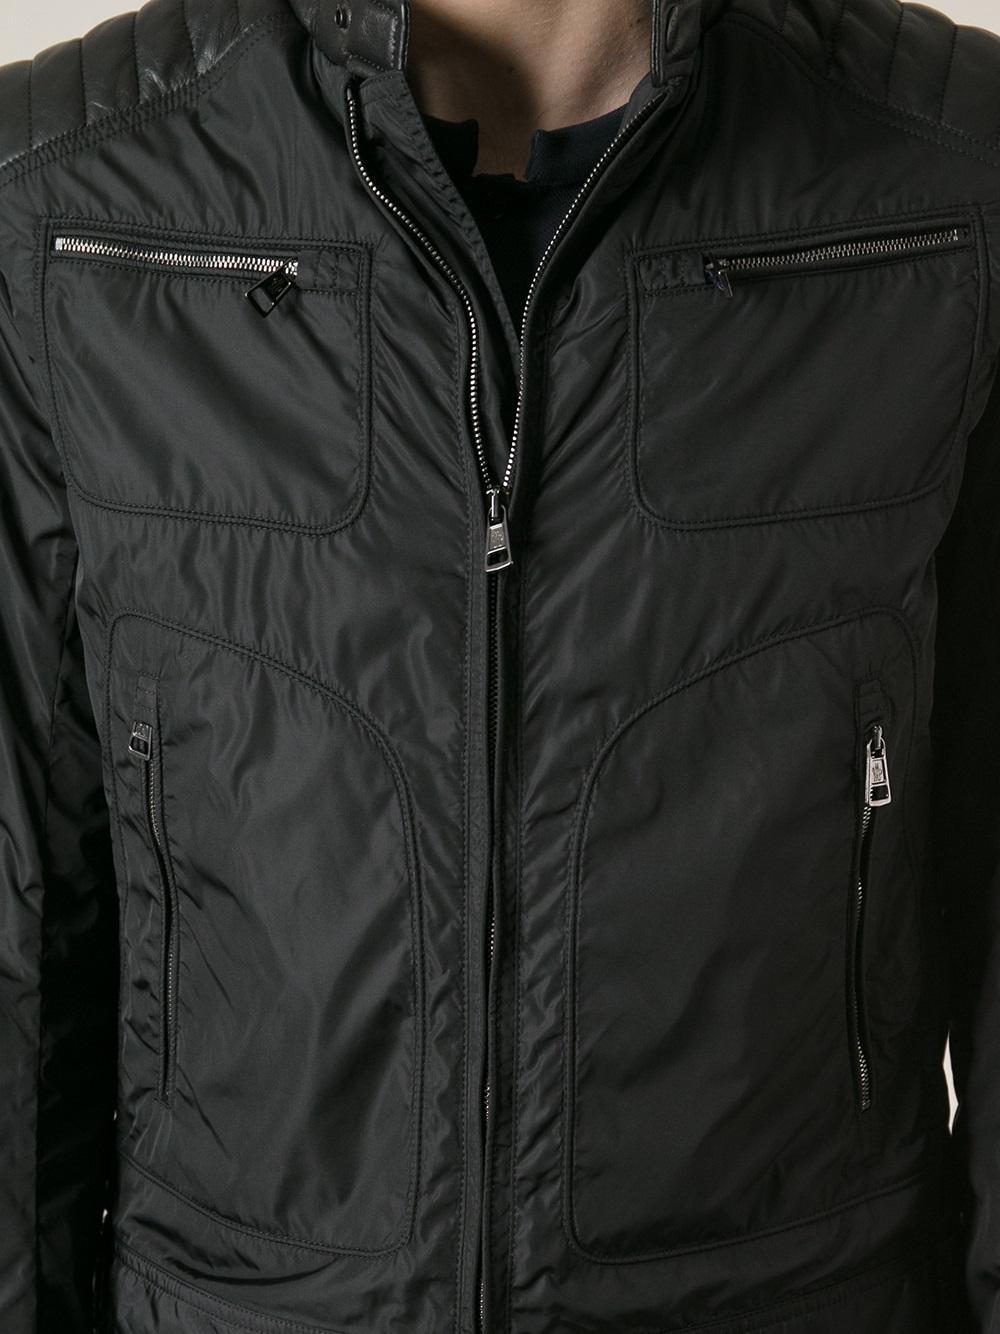 Style Biker Lightweight Noir Jacket Moncler p4nwqYZ